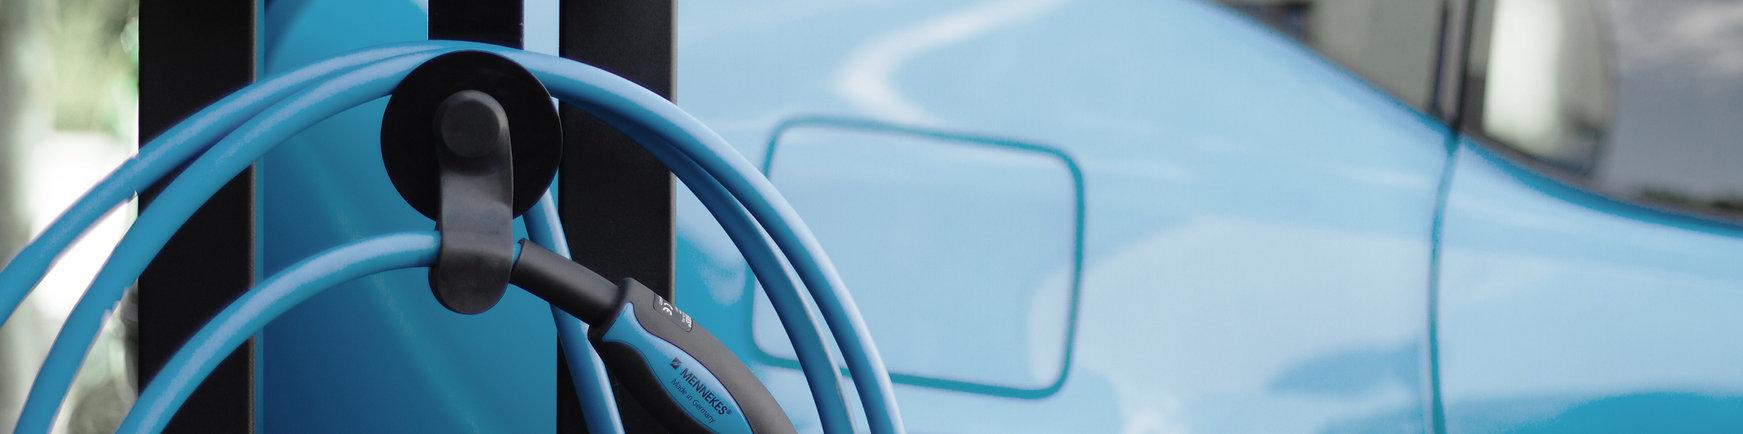 Borne de recharge voiture électriques pour Particulier | EV Link SUISSE